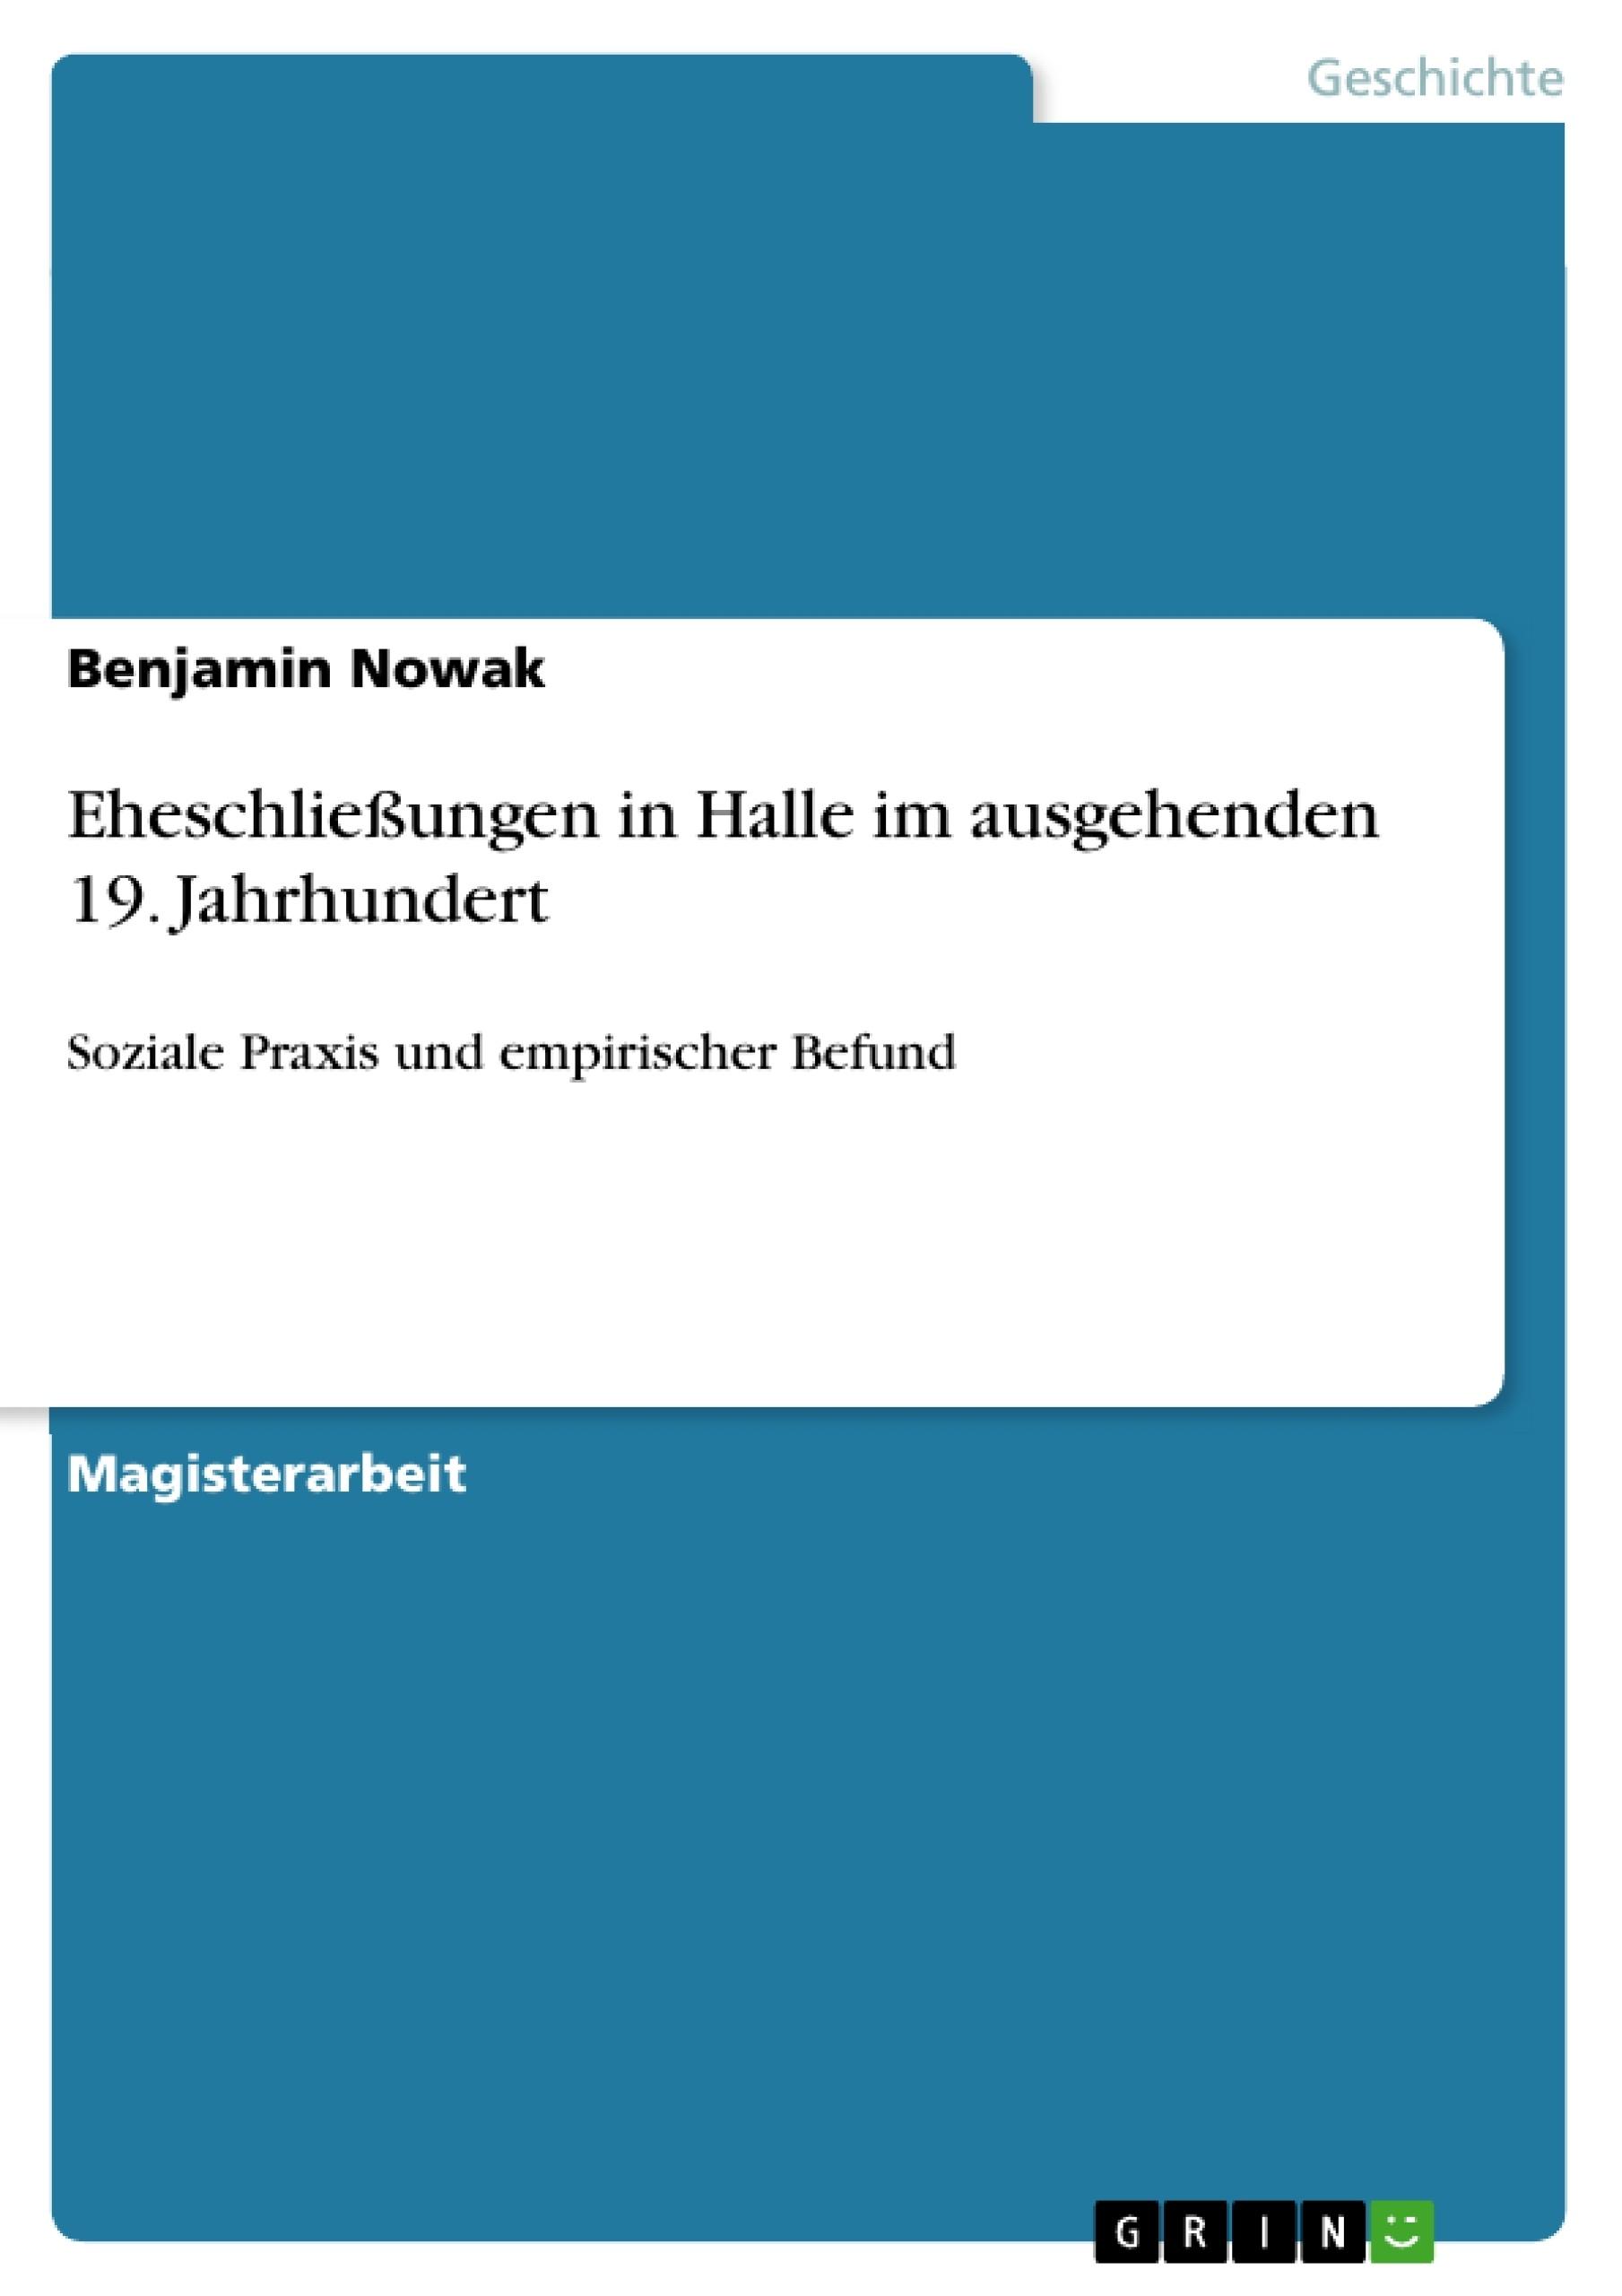 Titel: Eheschließungen in Halle im ausgehenden 19. Jahrhundert